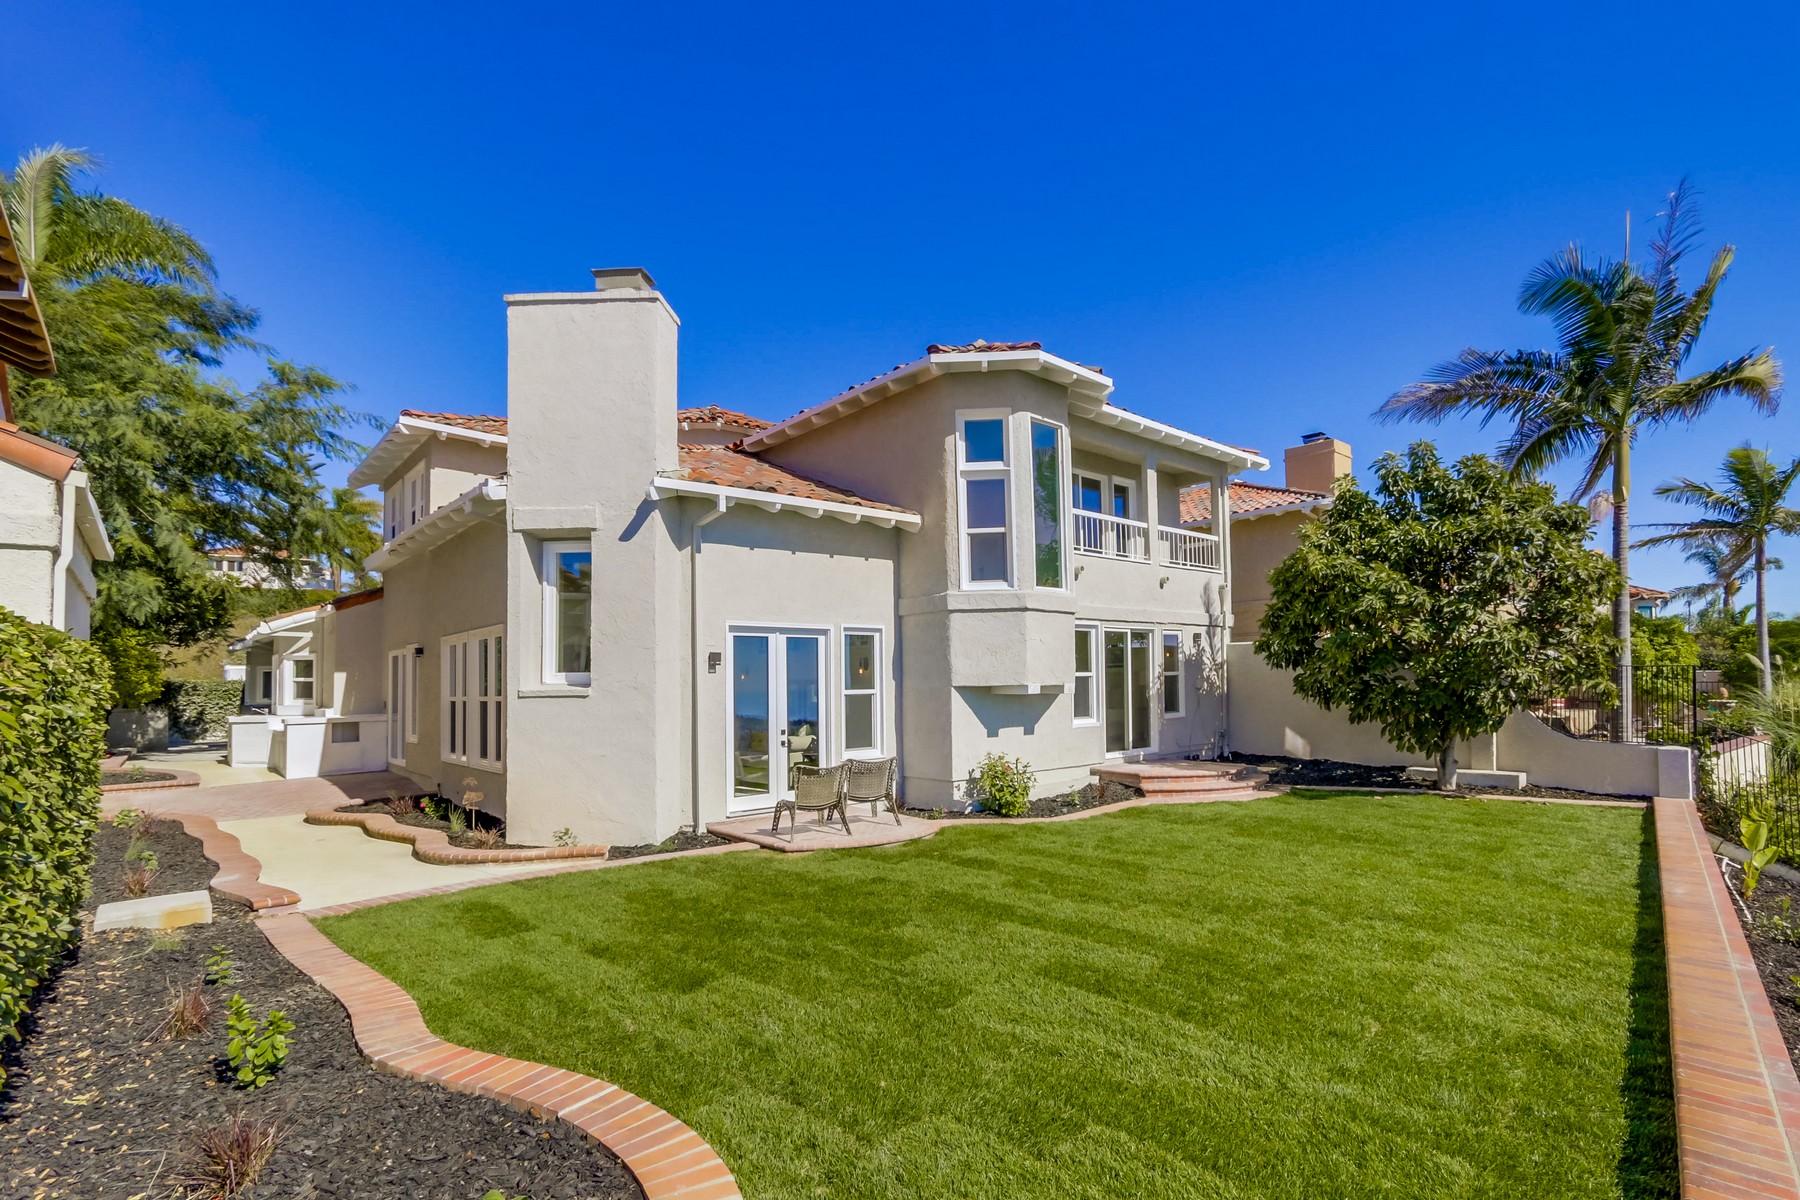 Частный односемейный дом для того Продажа на 517 Avenida Del Verdor San Clemente, Калифорния, 92672 Соединенные Штаты